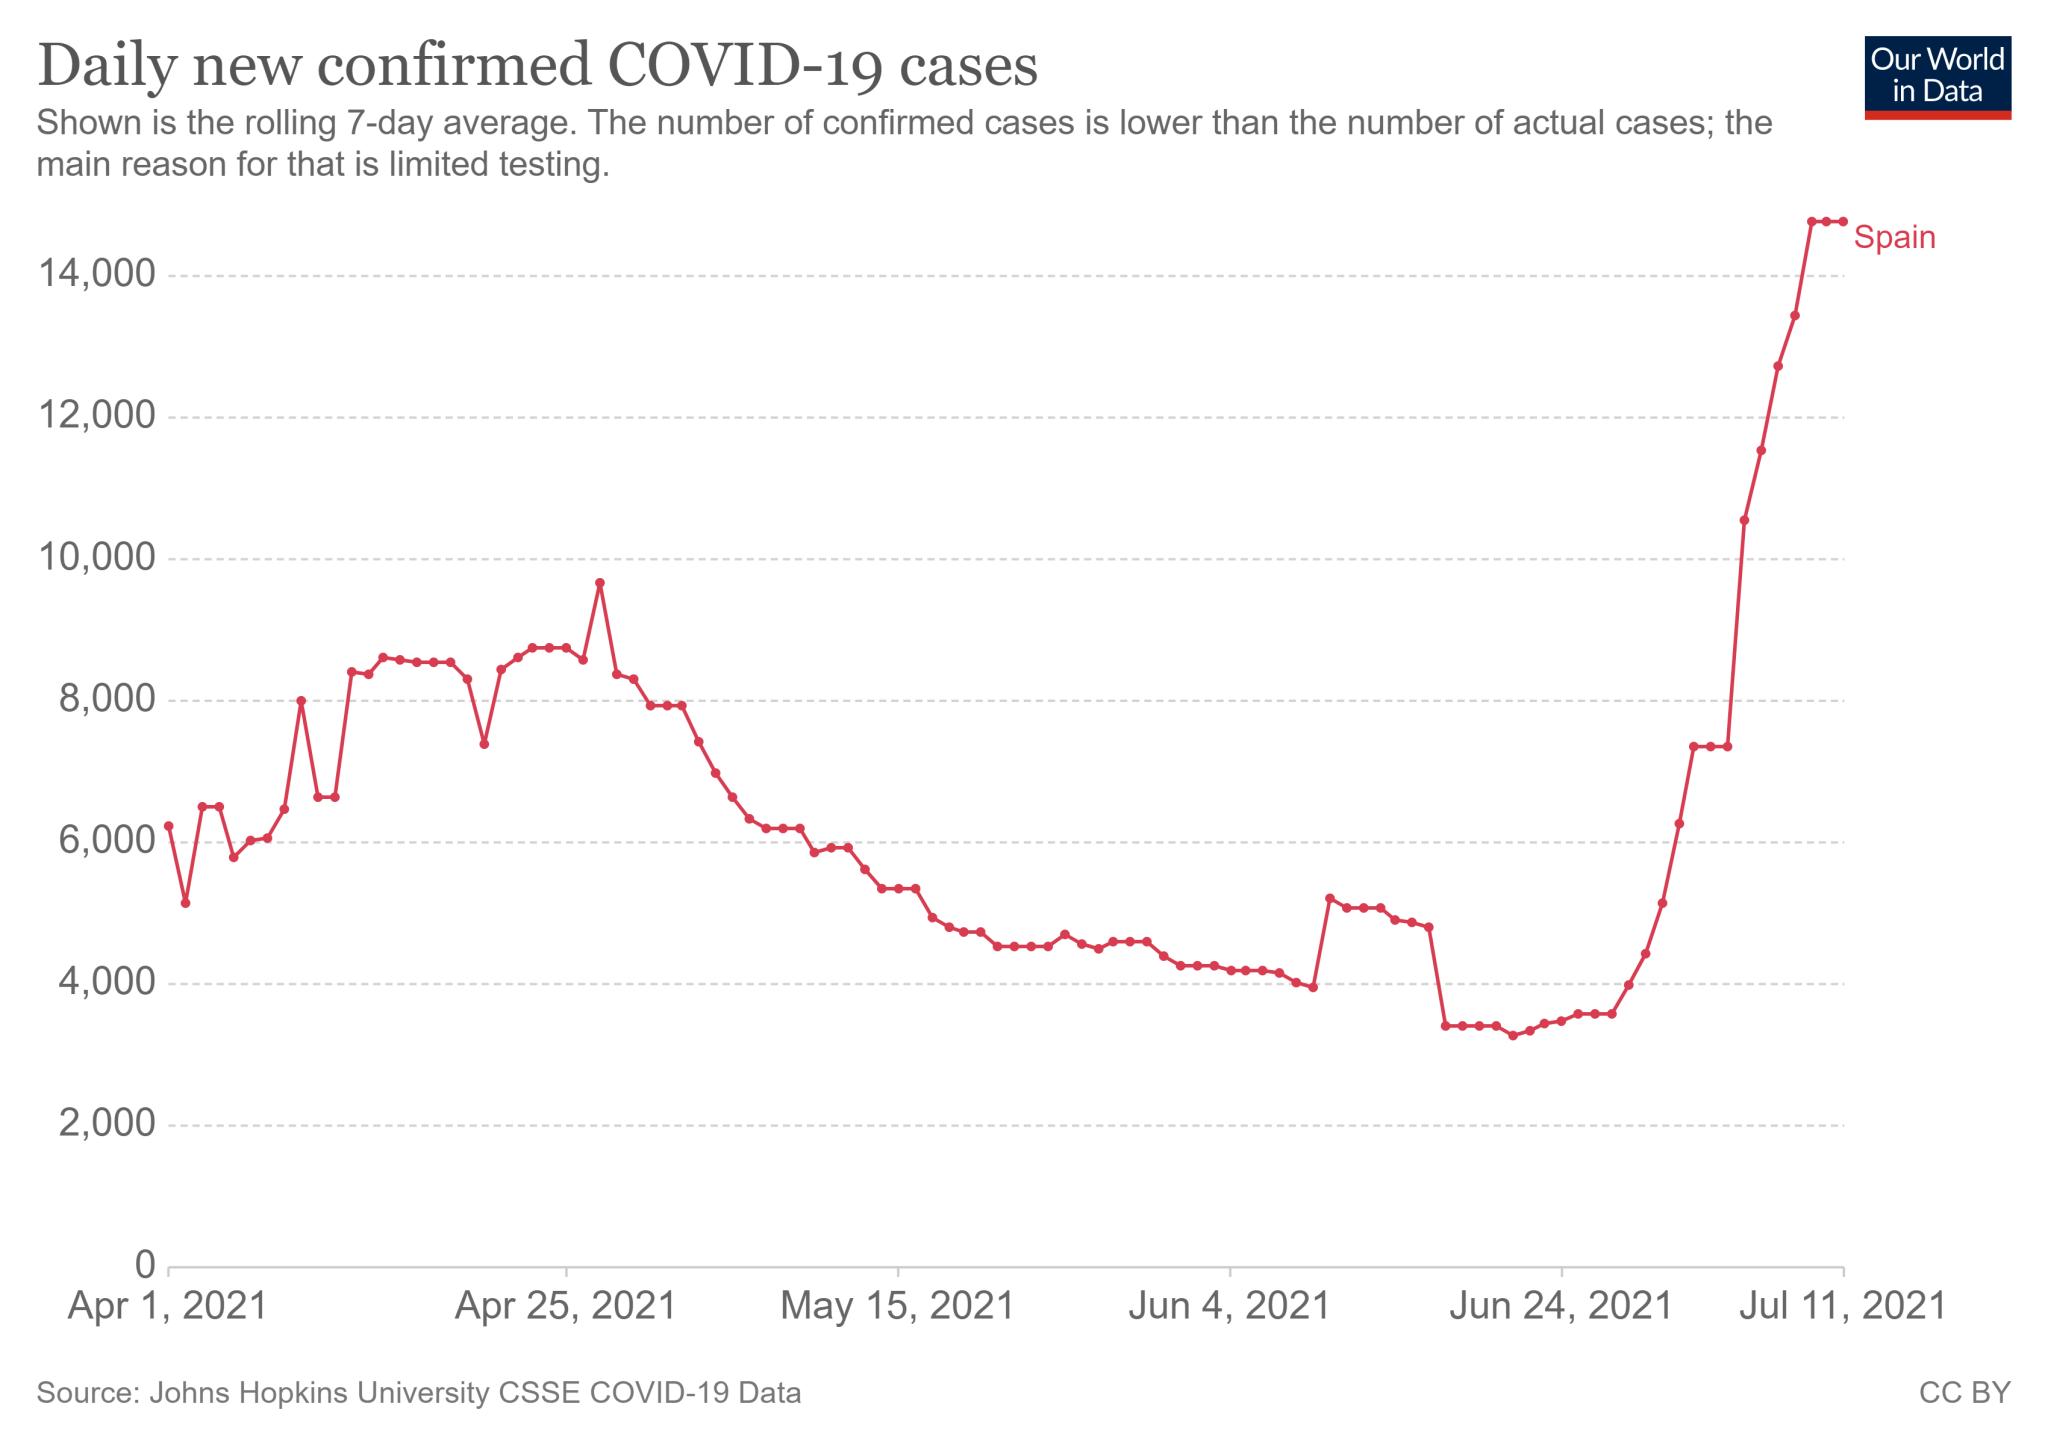 Średnia dzienna liczba nowych zakażeń COVID-19 w Hiszpanii (1 kwietnia - 11 lipca 2021)